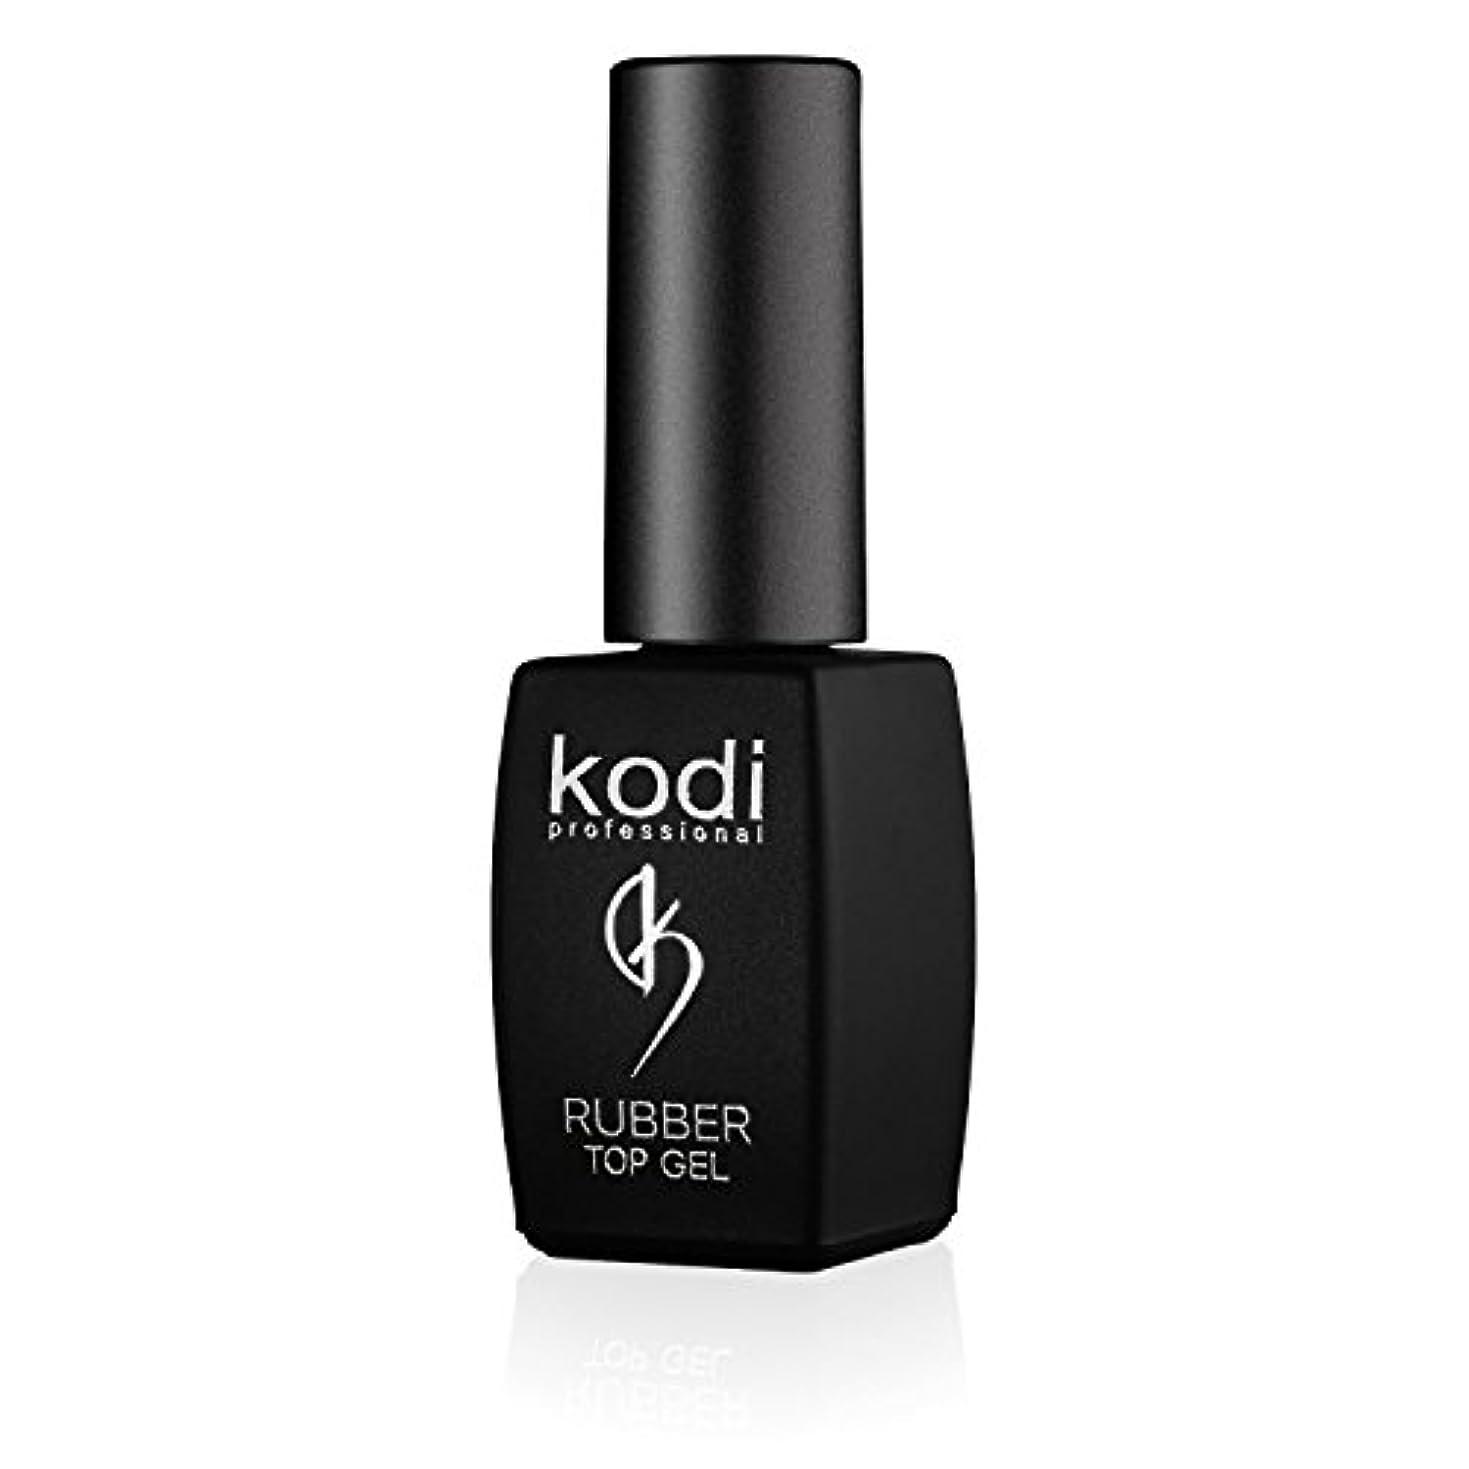 関与する適応するマントルProfessional Rubber Top Gel By Kodi | 8ml 0.27 oz | Soak Off, Polish Fingernails Coat Kit | For Long Lasting Nails...